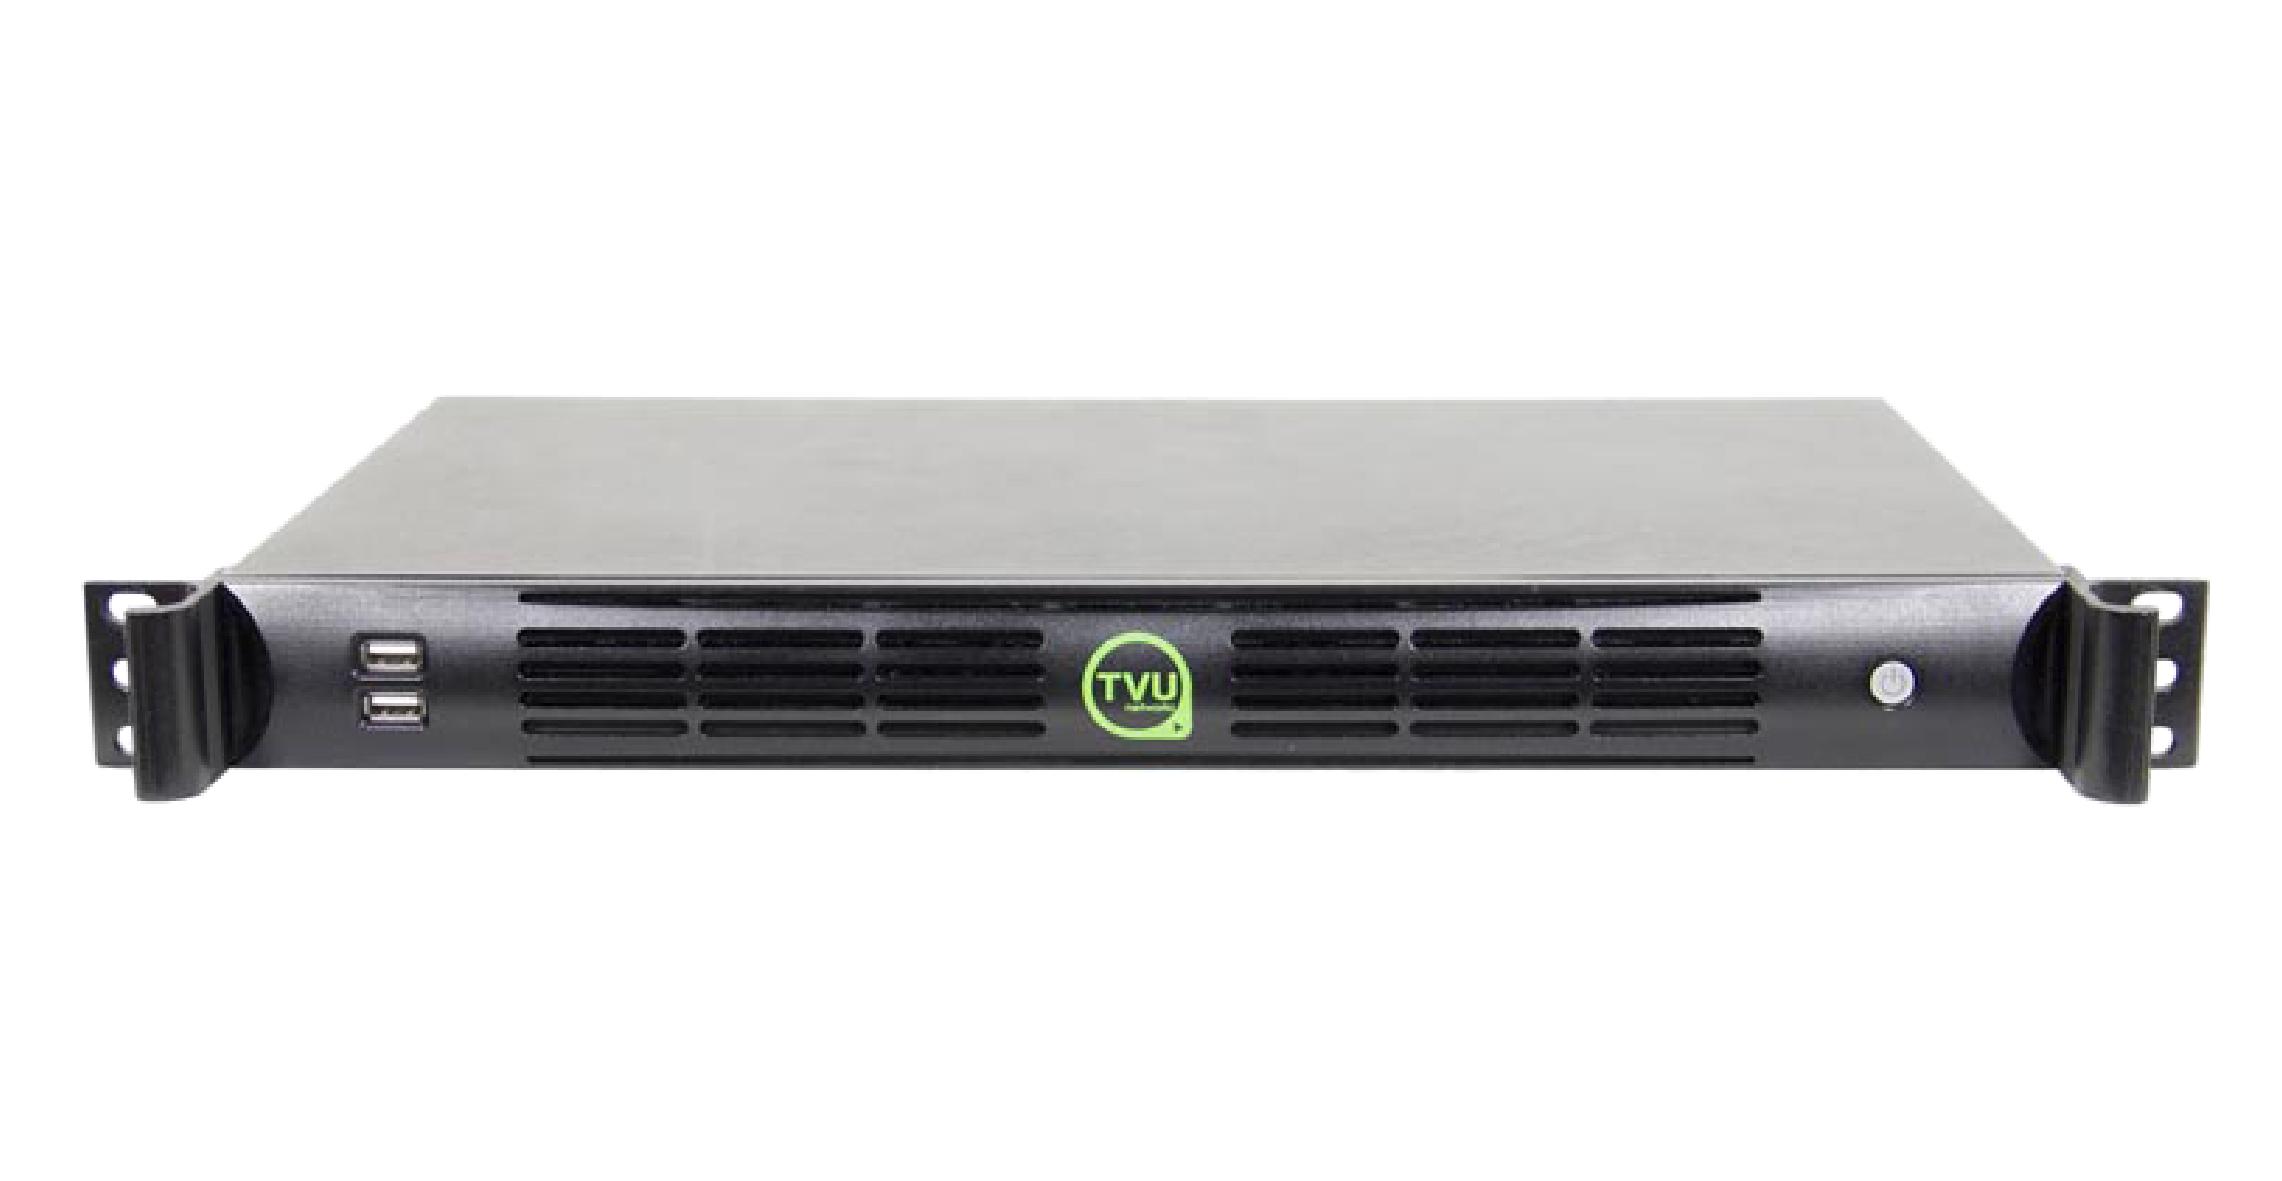 TVU MEDIAMIND SERVERS VS3100 & VS3500